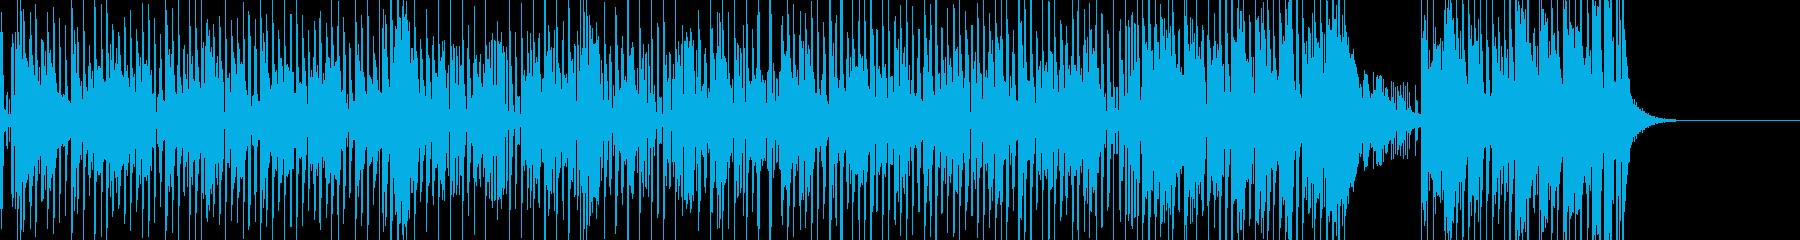 タンゴ風の明るい昭和楽曲の再生済みの波形